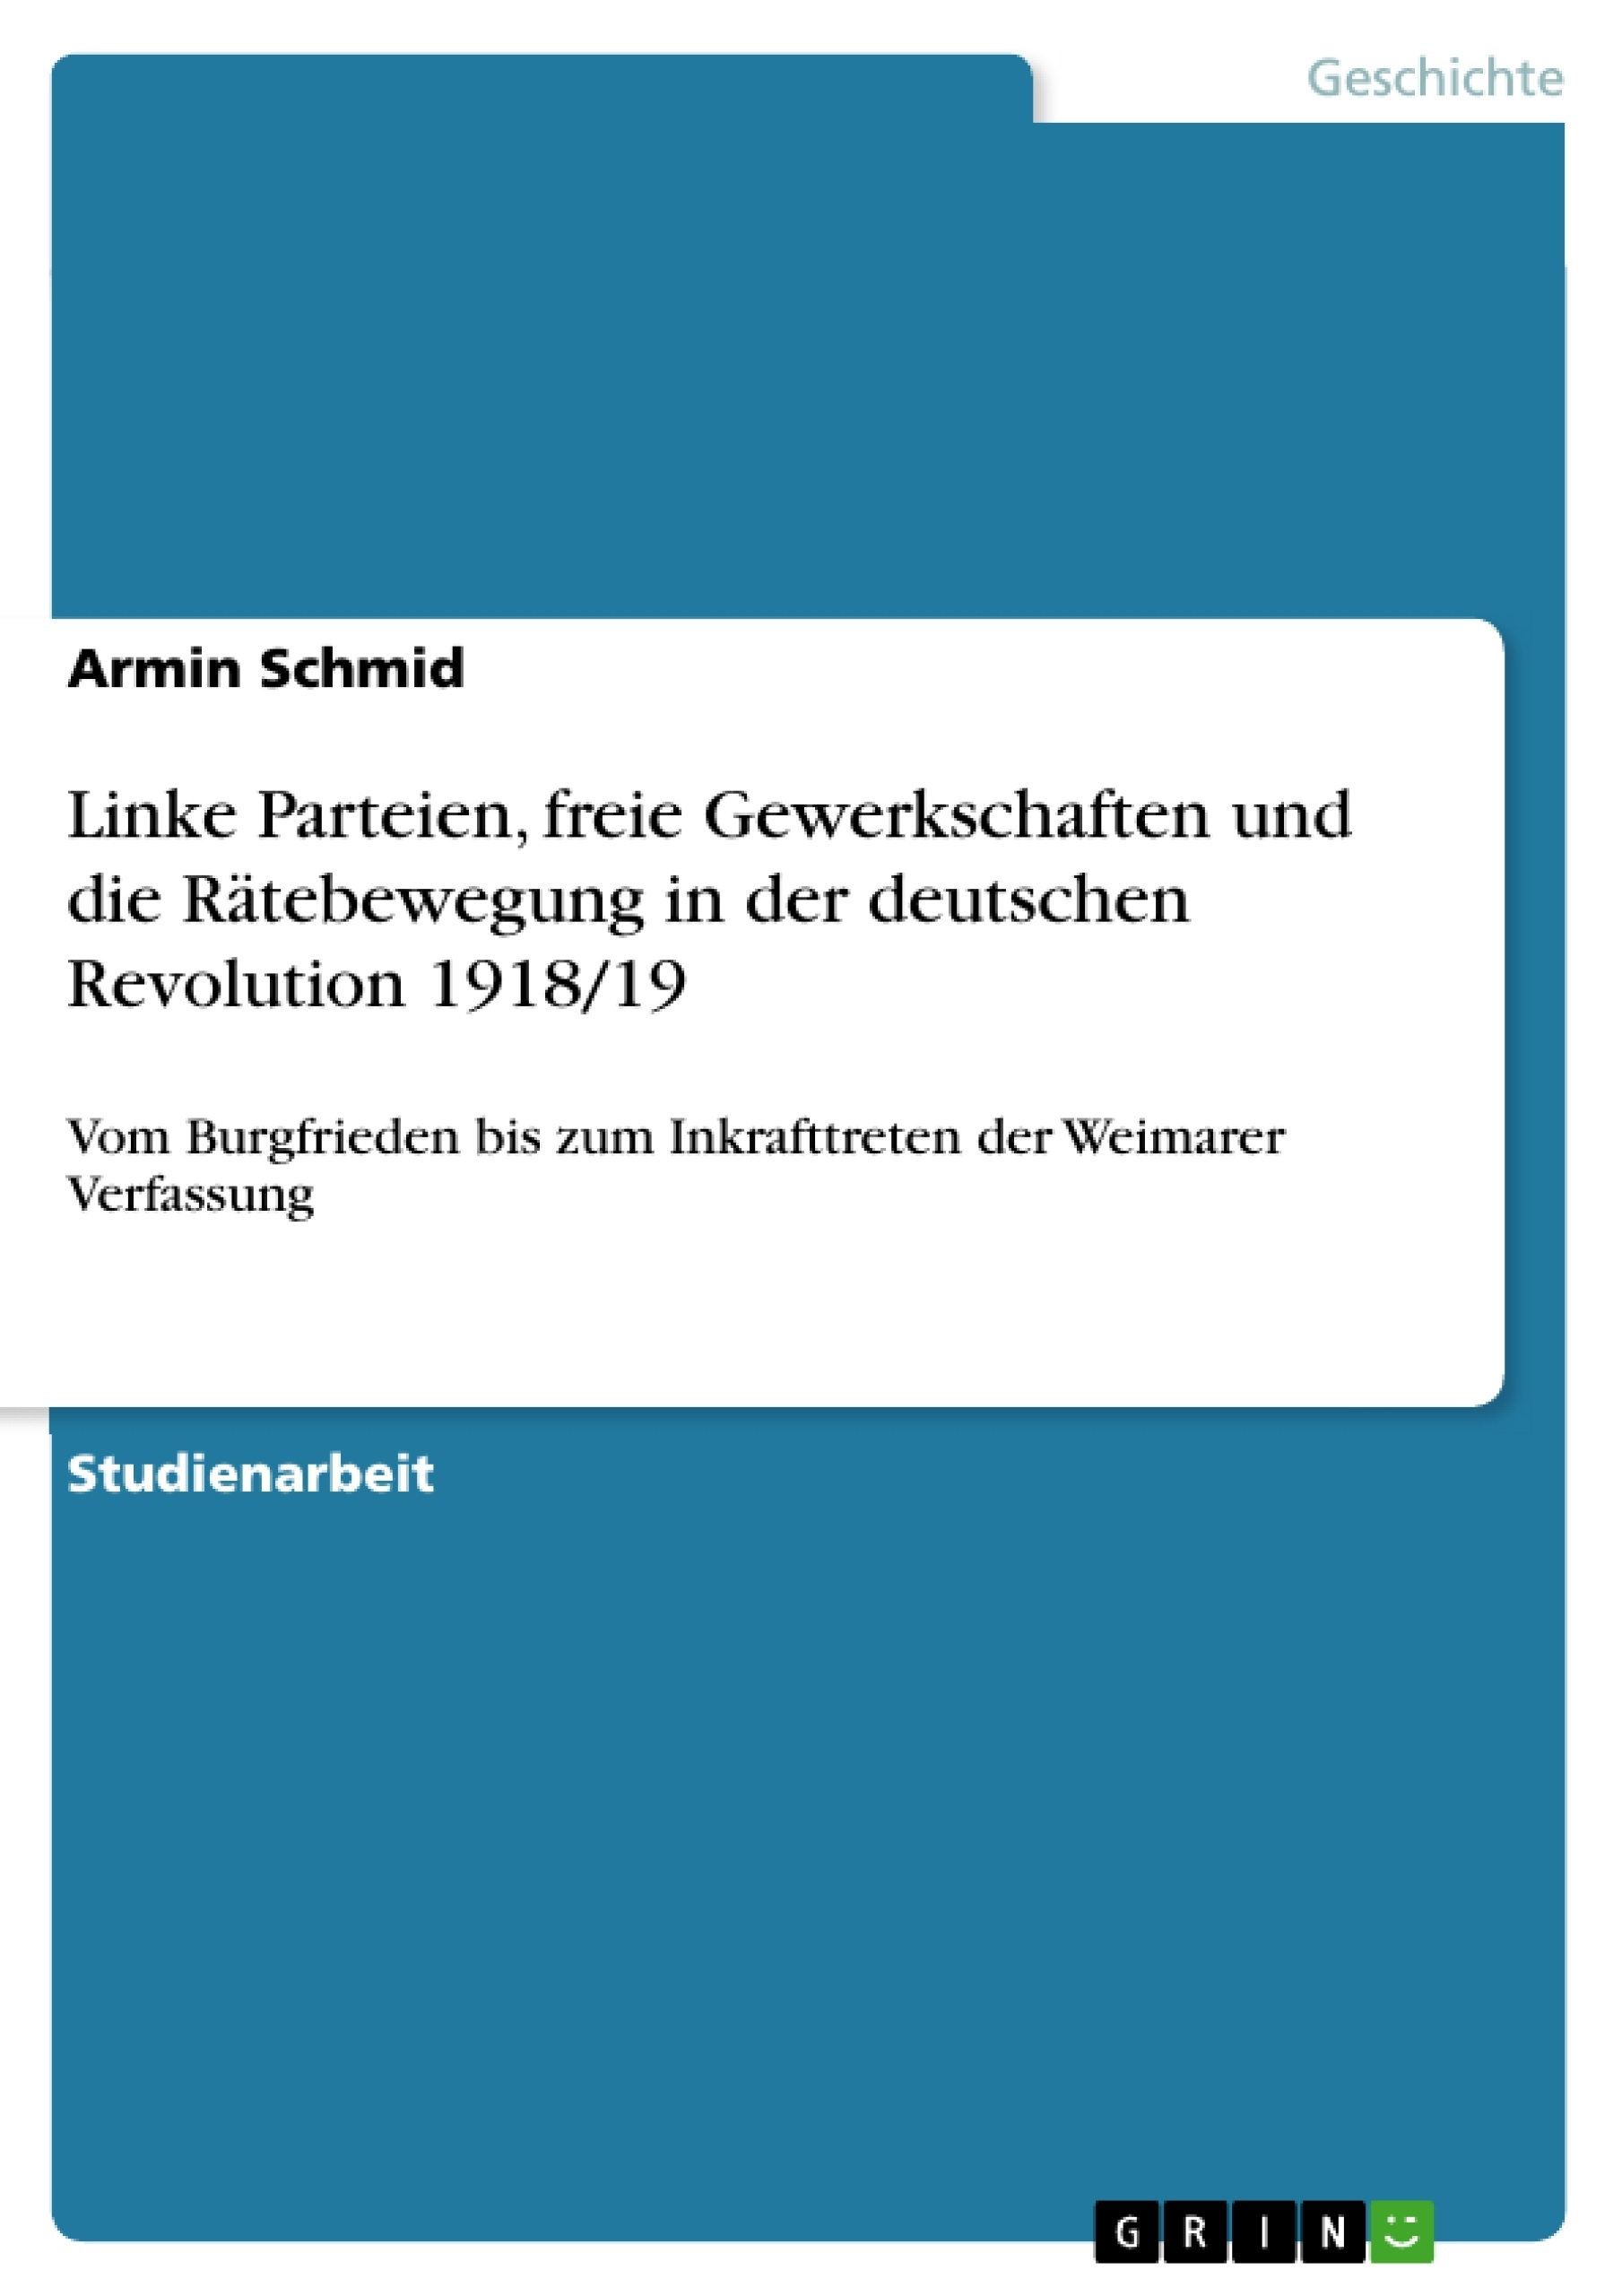 Titel: Linke Parteien, freie Gewerkschaften und die Rätebewegung in der deutschen Revolution 1918/19